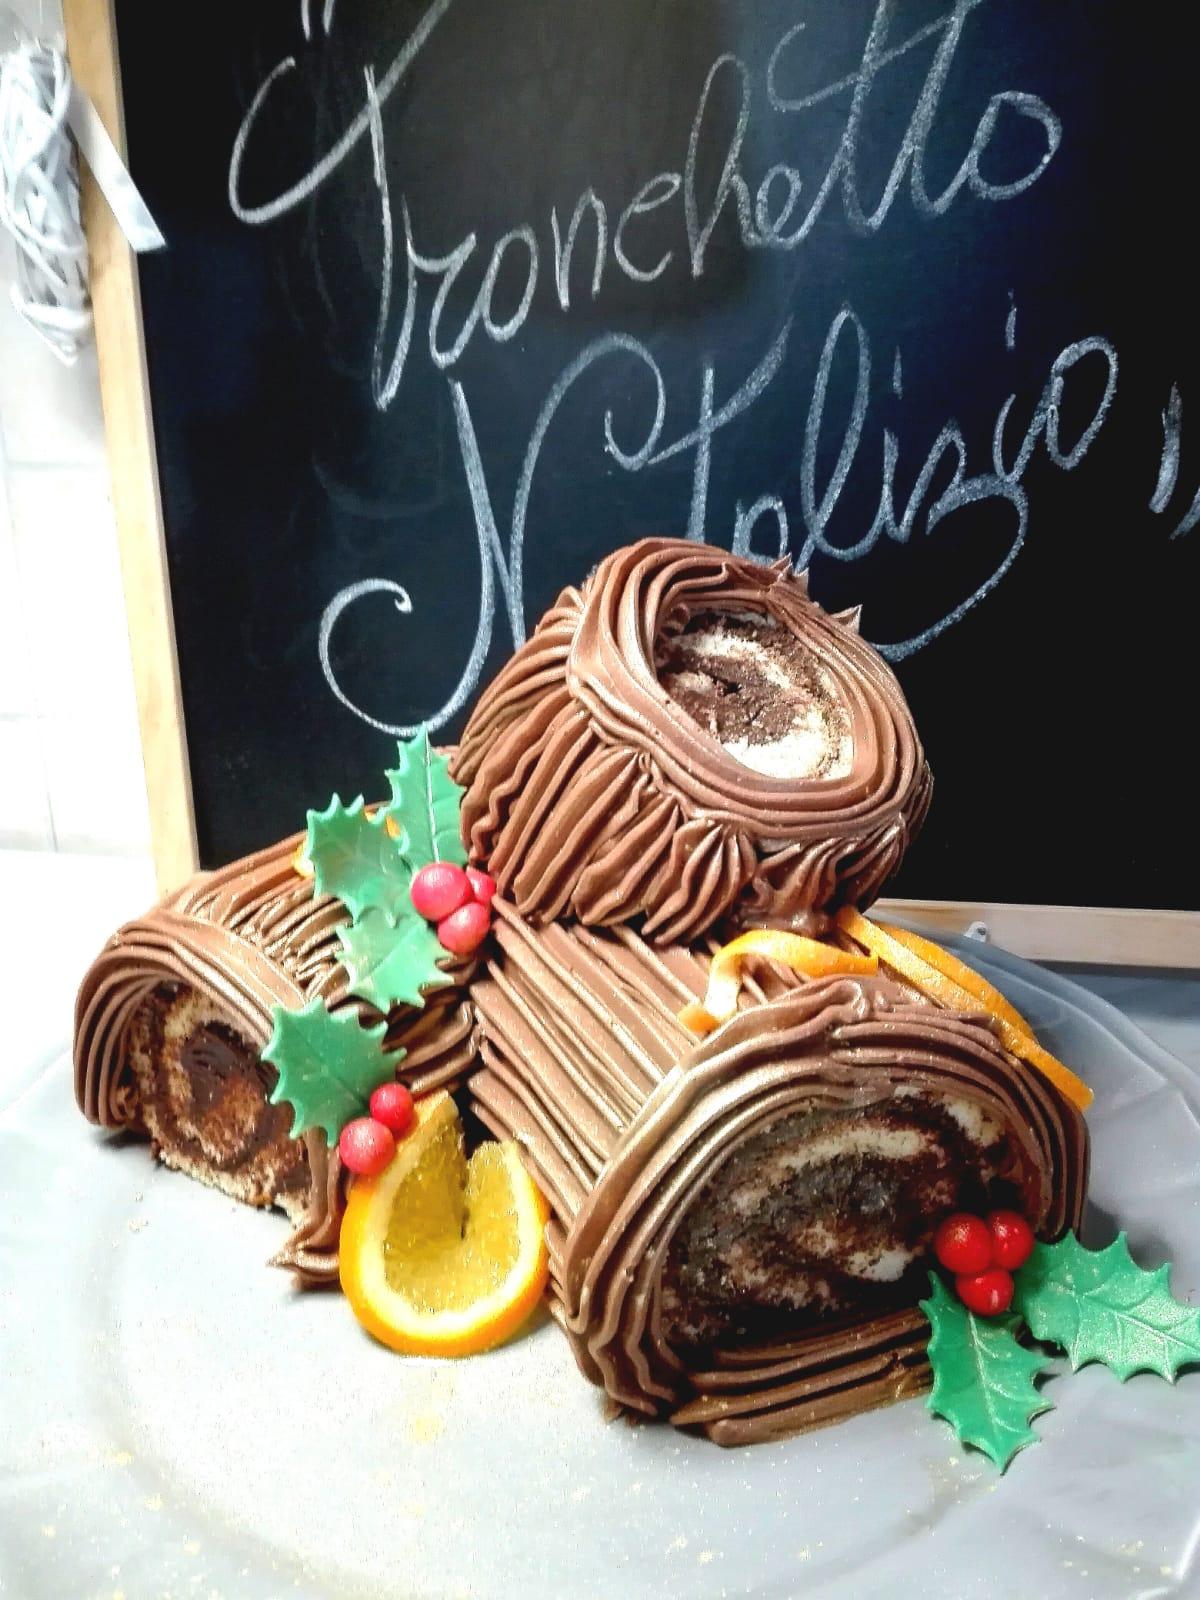 Ricetta Tronchetto Di Natale Con Panettone.Dolci Tipici Senza Linea